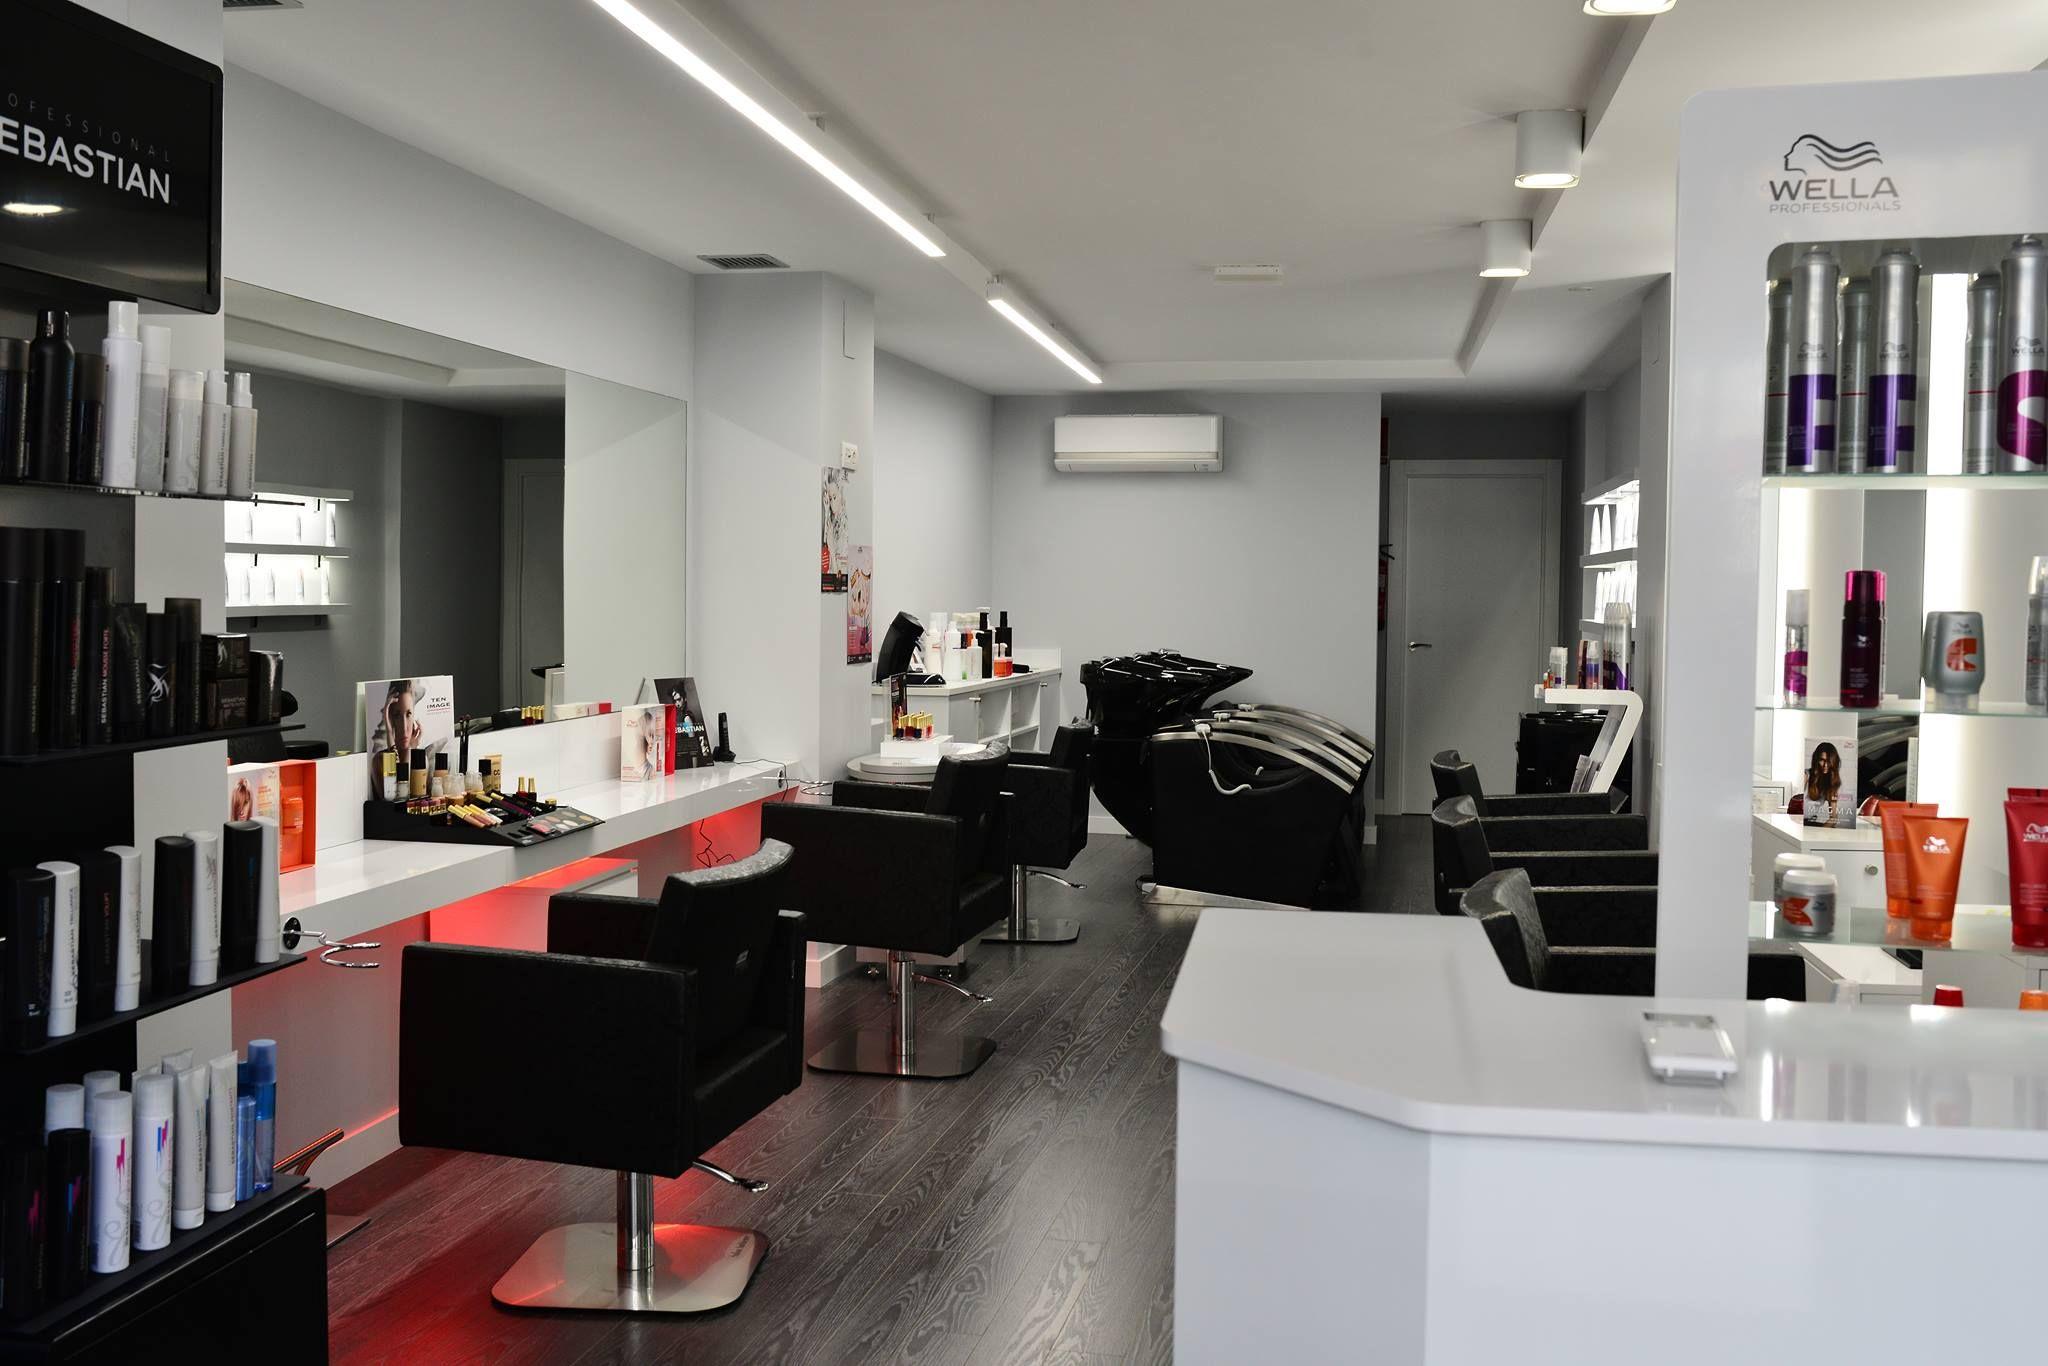 Muebles Para Estetica Wella - Vista Del Salon Monica Porres Con Los Lavacabezas De Masaje Al [mjhdah]http://www.mazuelasonline.com/media/wysiwyg/mobiliario/mobiliario-peluqueria-black-trend.jpg